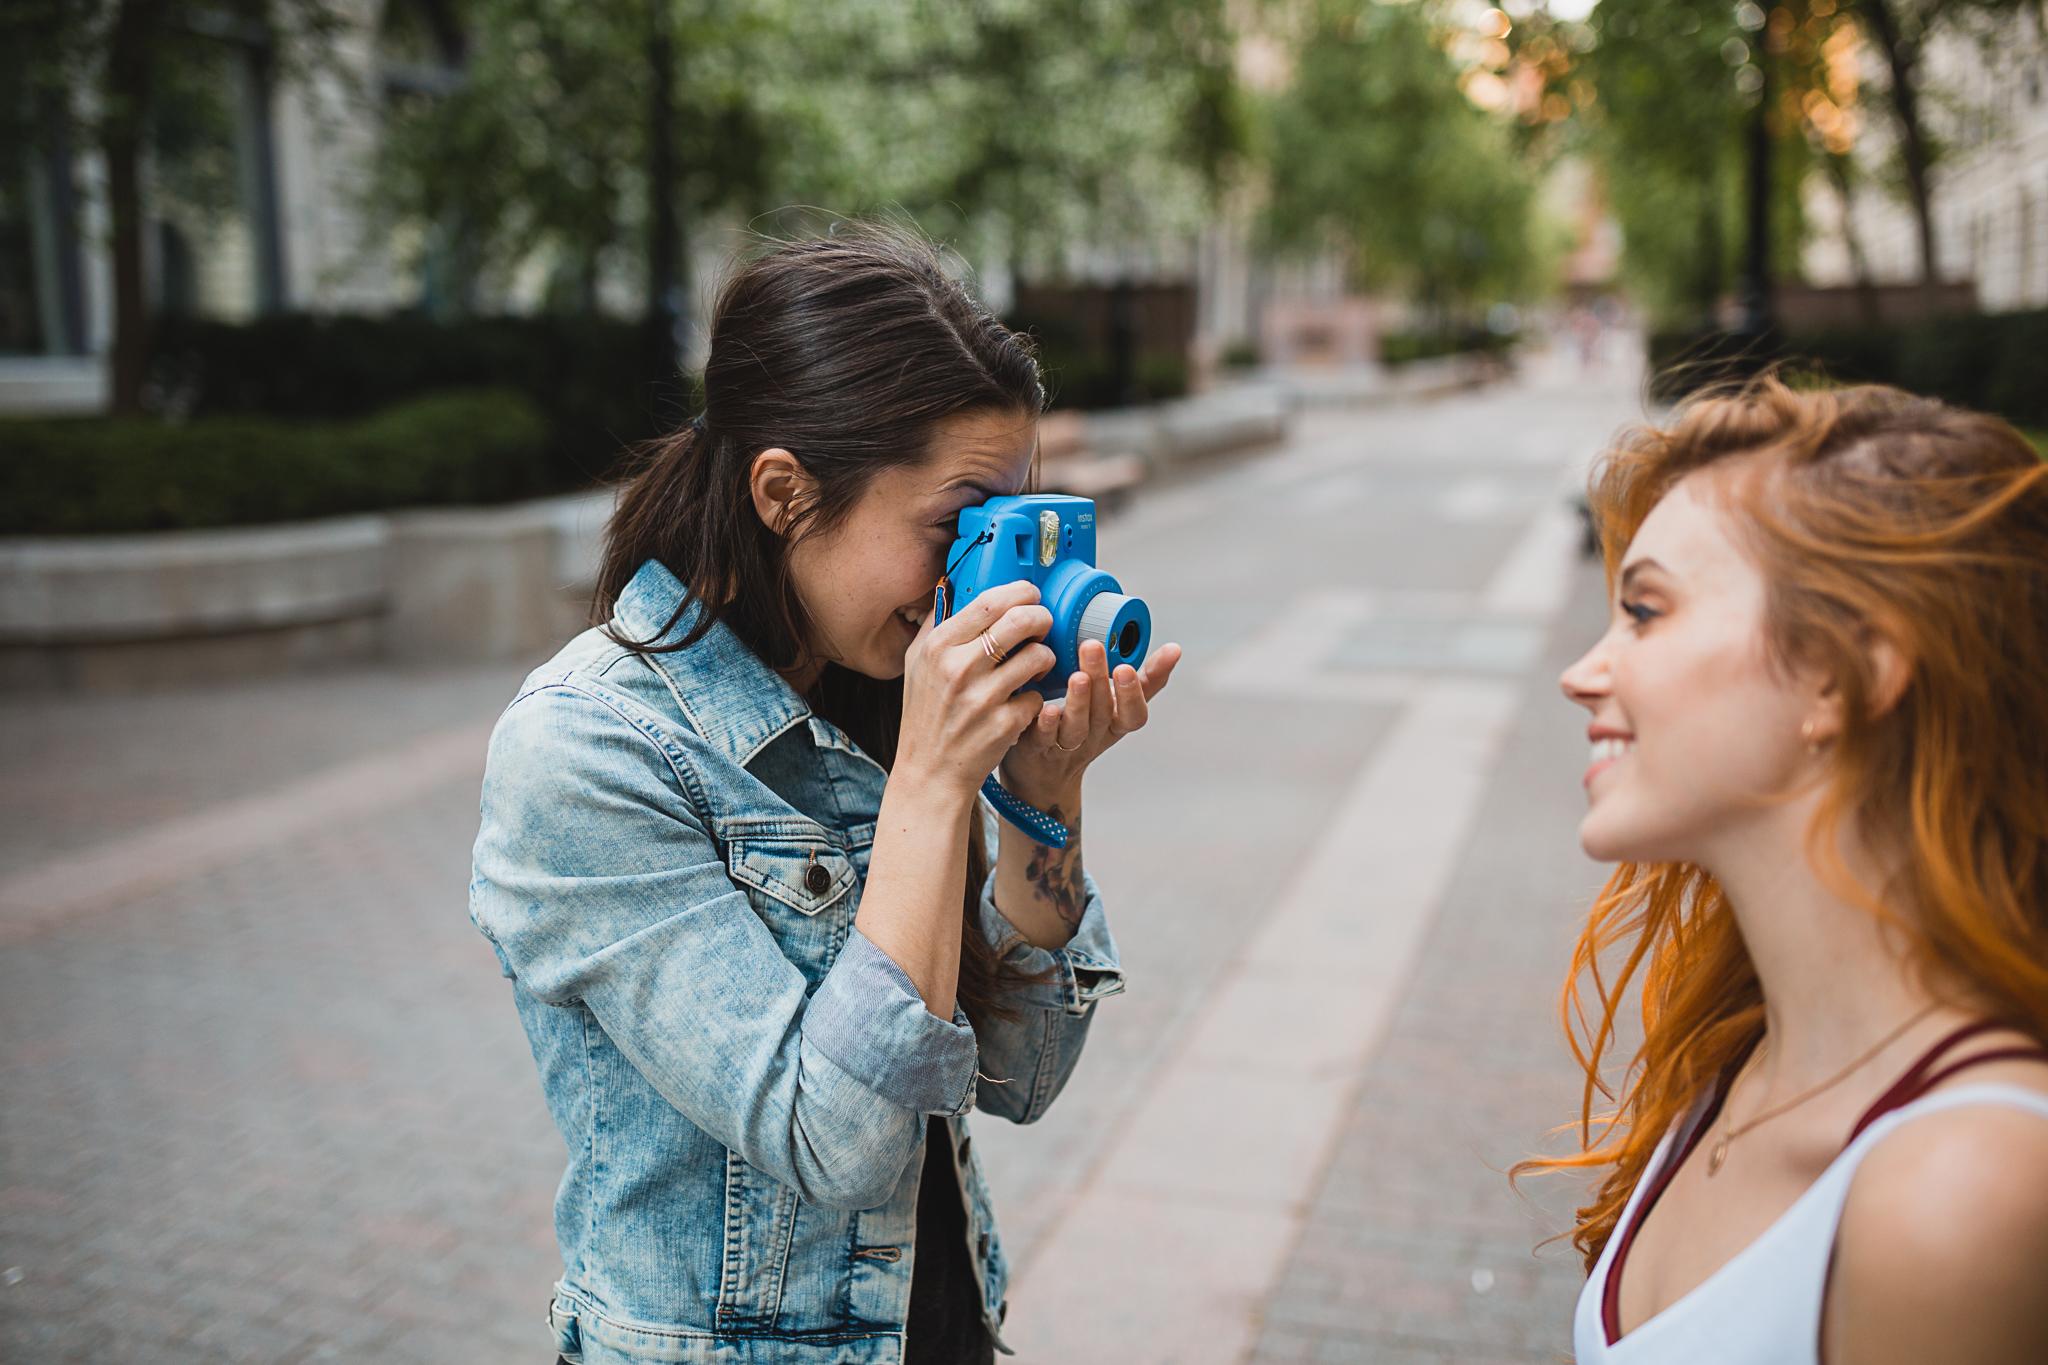 Prochain défi...Les caméras jouets - 11 juin 2018, Montréal